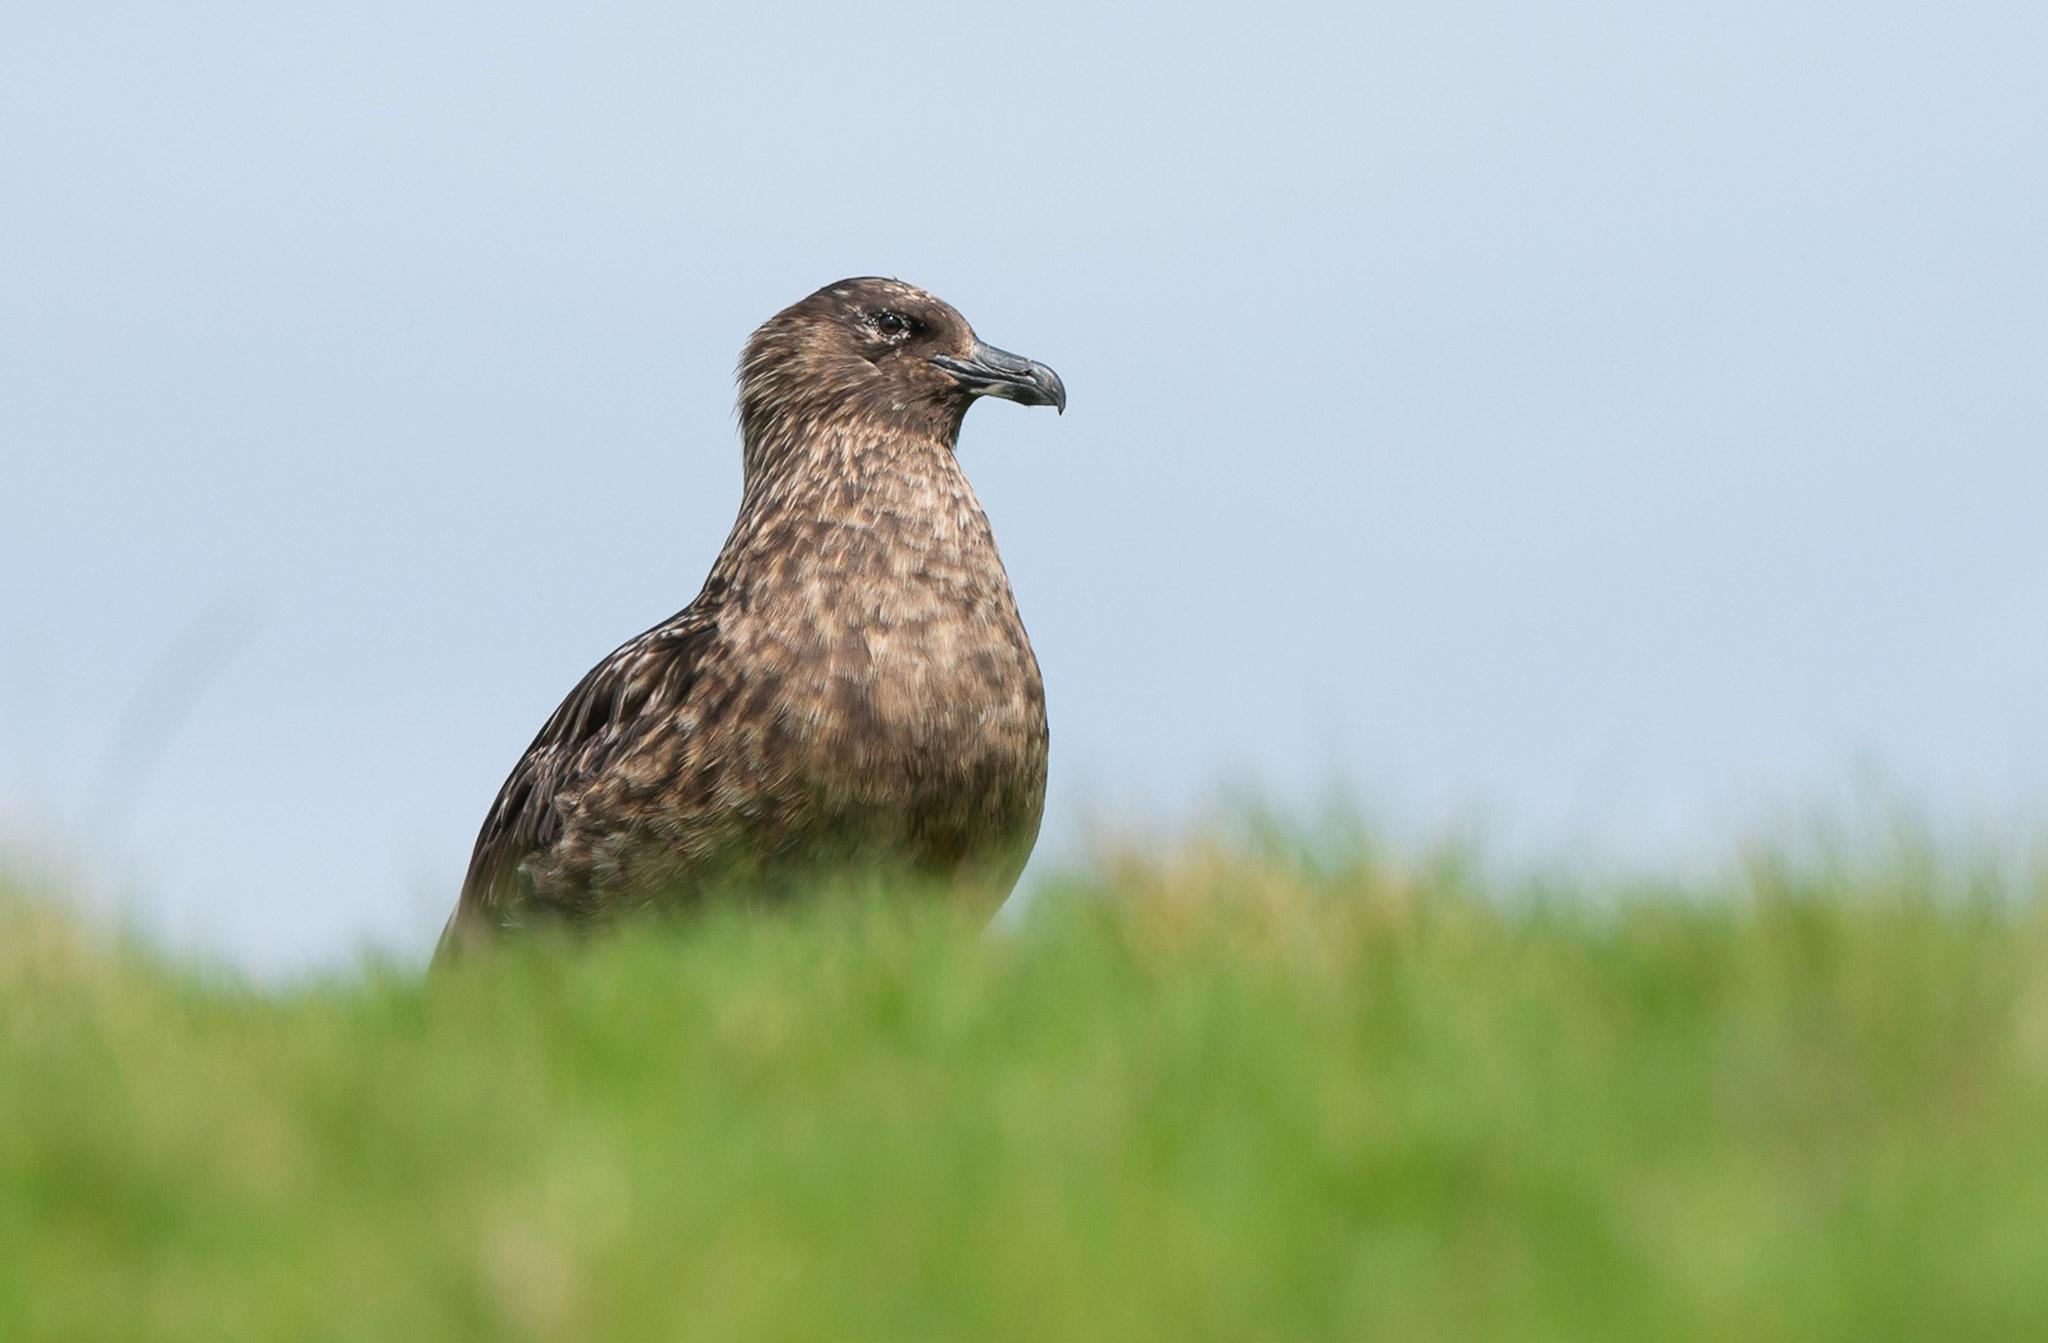 Le Grand Labbe (Stercorarius skua) - Les Shetland en abritent plus de la moitié. Ces «oiseaux pirates» n'hésitent pas à voler le poisson pêché par leurs congénères et à se nourrir de charogne, comme cette carcasse de phoque, ou d'autres oiseaux marins, tels les macareux.